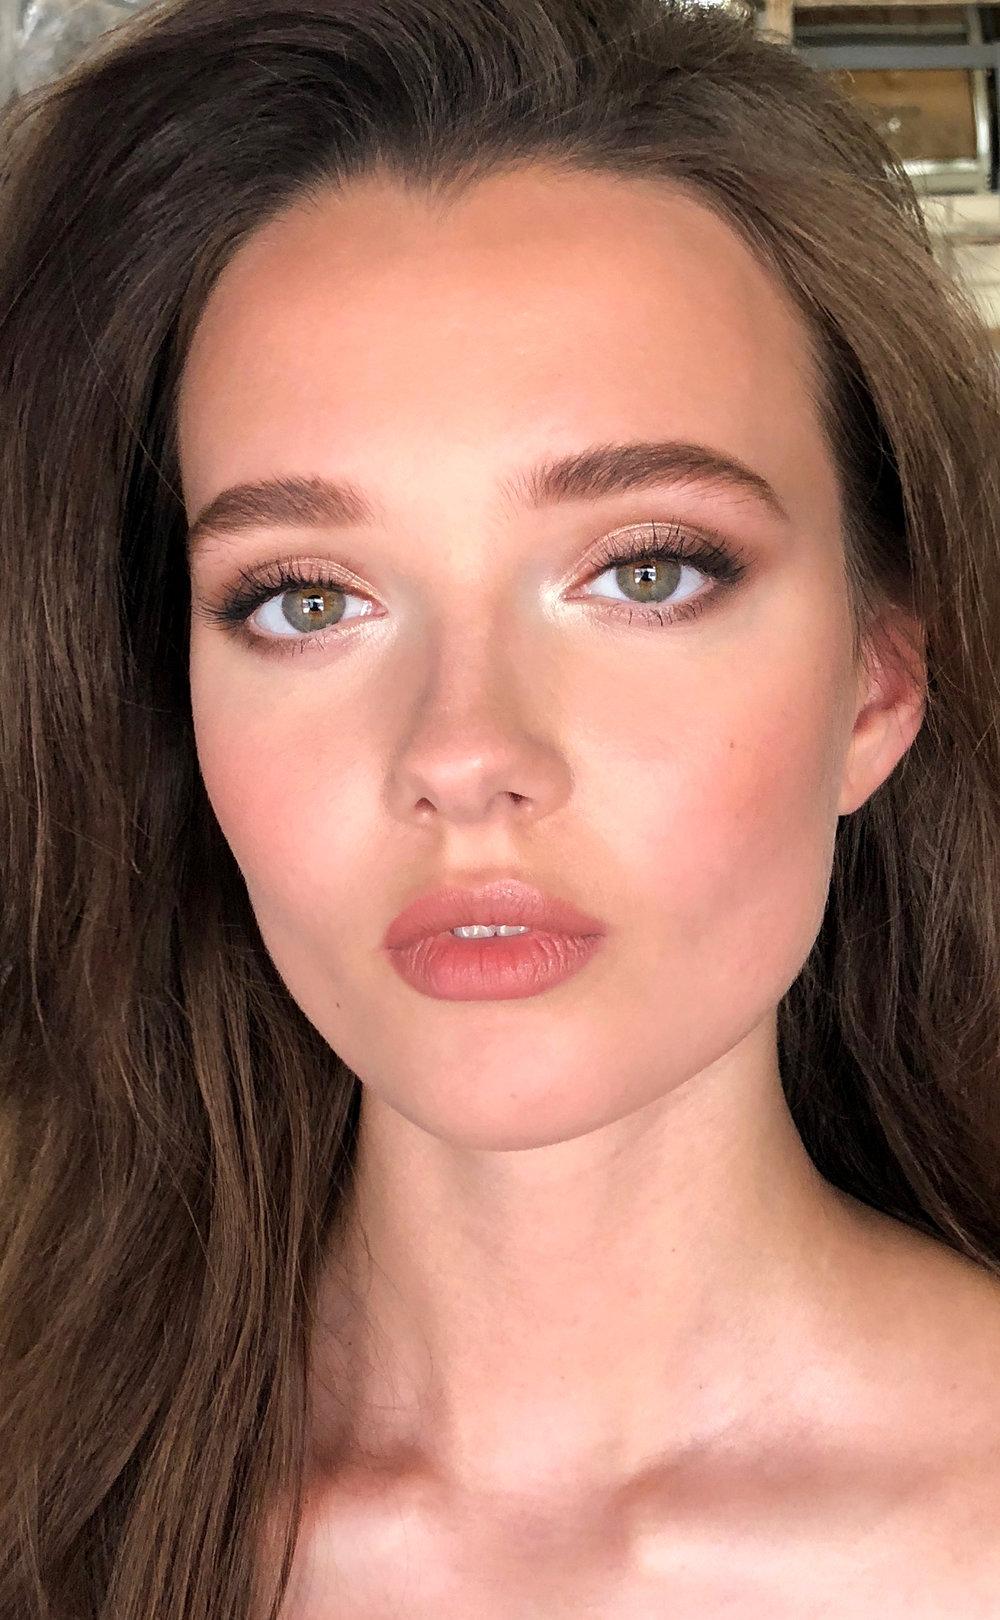 Melbourne makeup artist